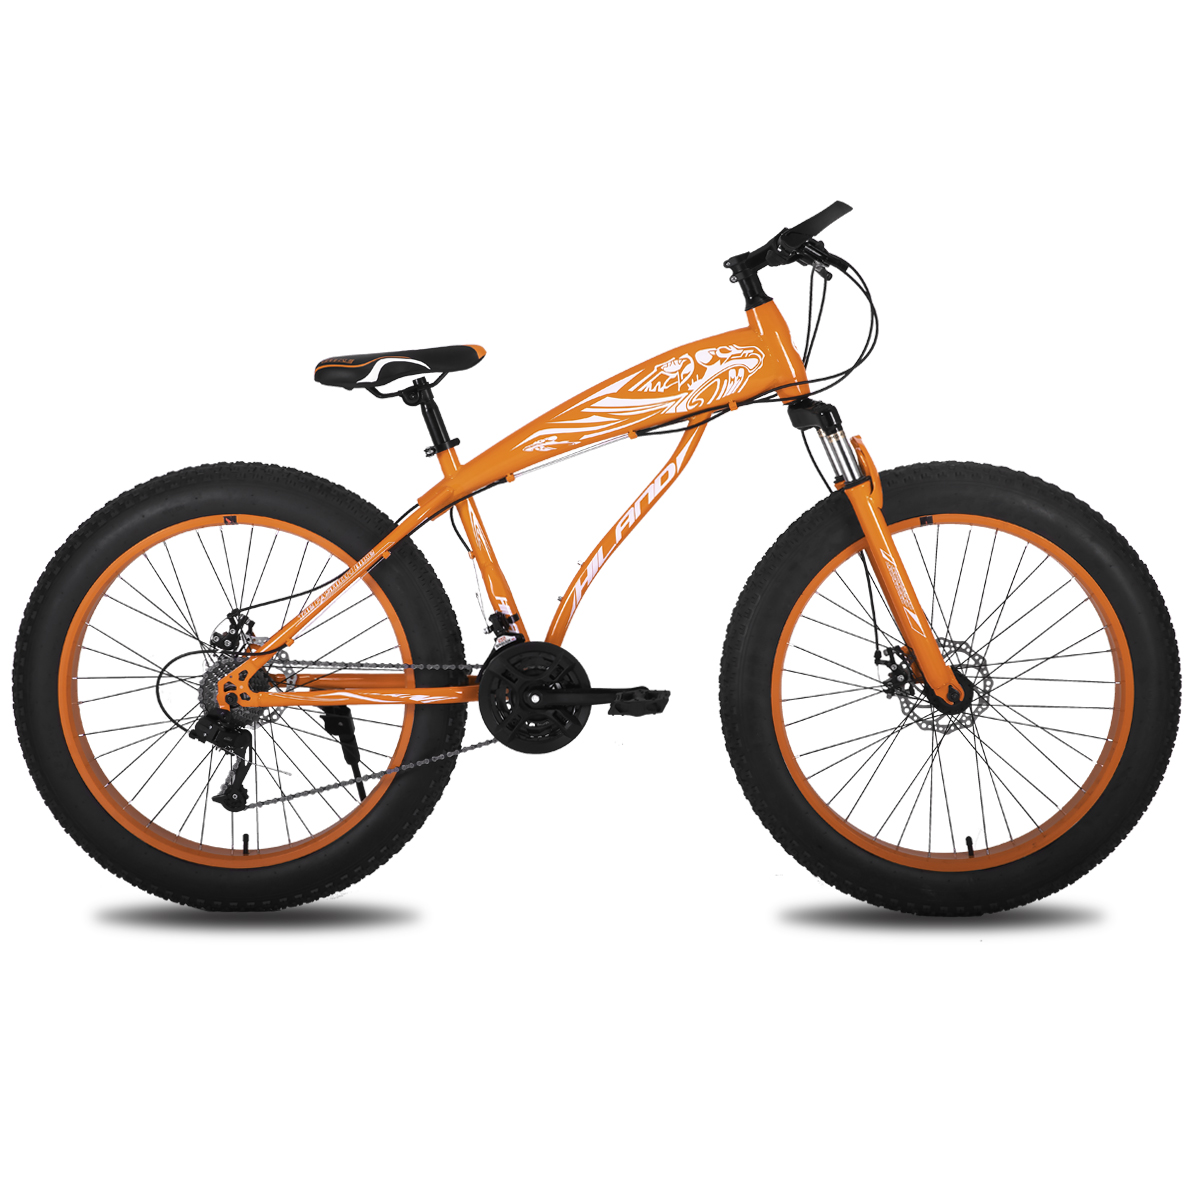 26 дюймов 7/21/24 Скорость Снег велосипед стальная рама для велосипеда с «Break» и «переключения зимние Bke велосипедные шлемы для 150-195 см высота